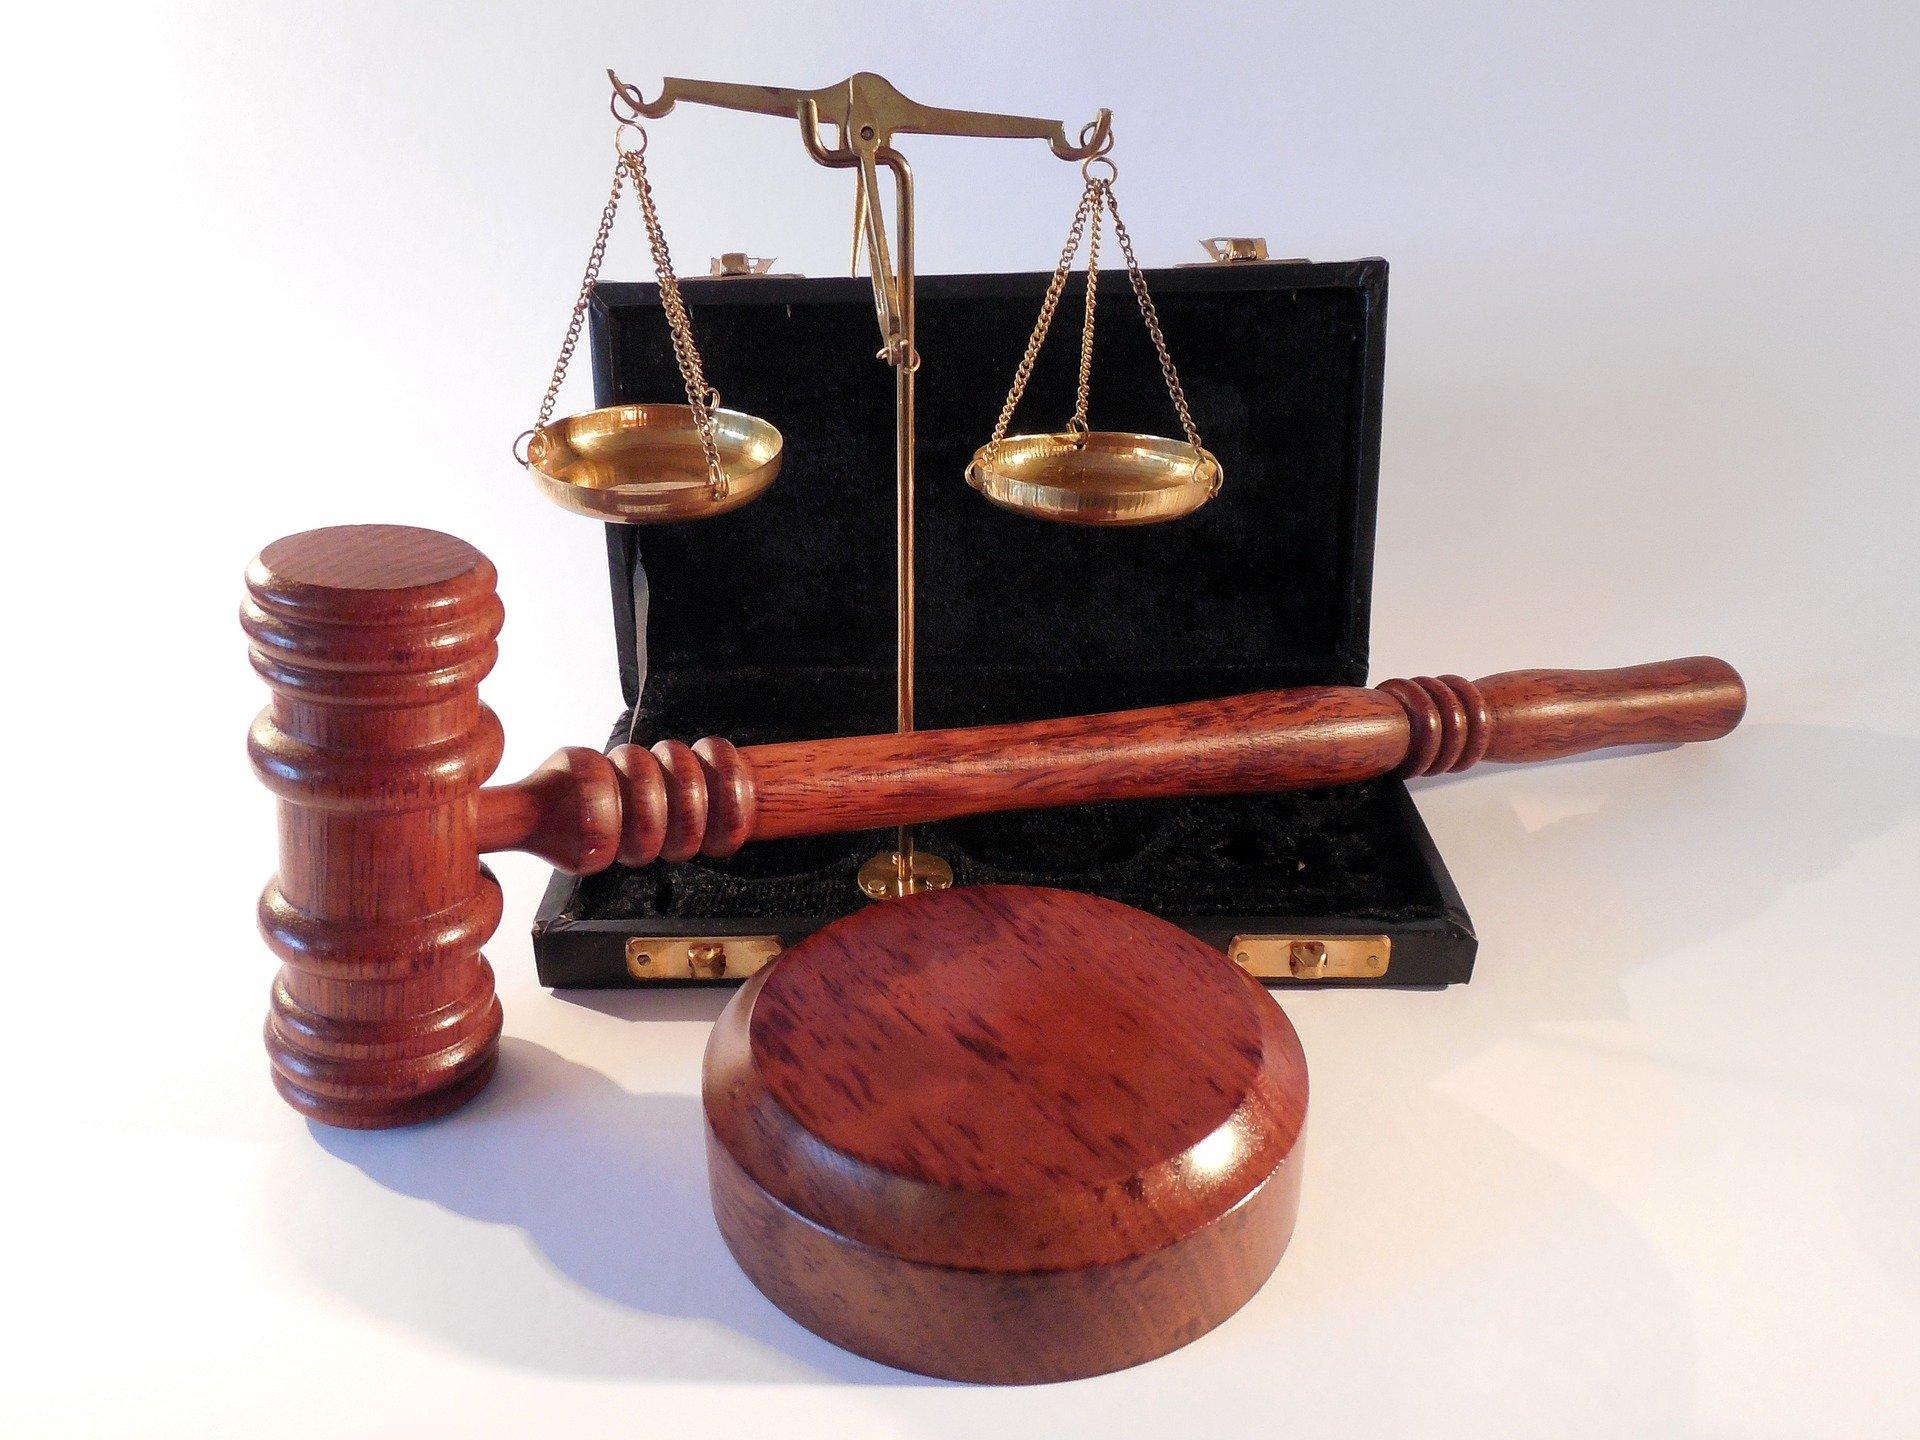 Невстановлення замовником вимоги щодо надання учасником інформації про відсутність підстав згідно з п. 3, 8, 9 ч. 1 ст. 17 Закону та неоприлюднення в окремому документі переліку змін